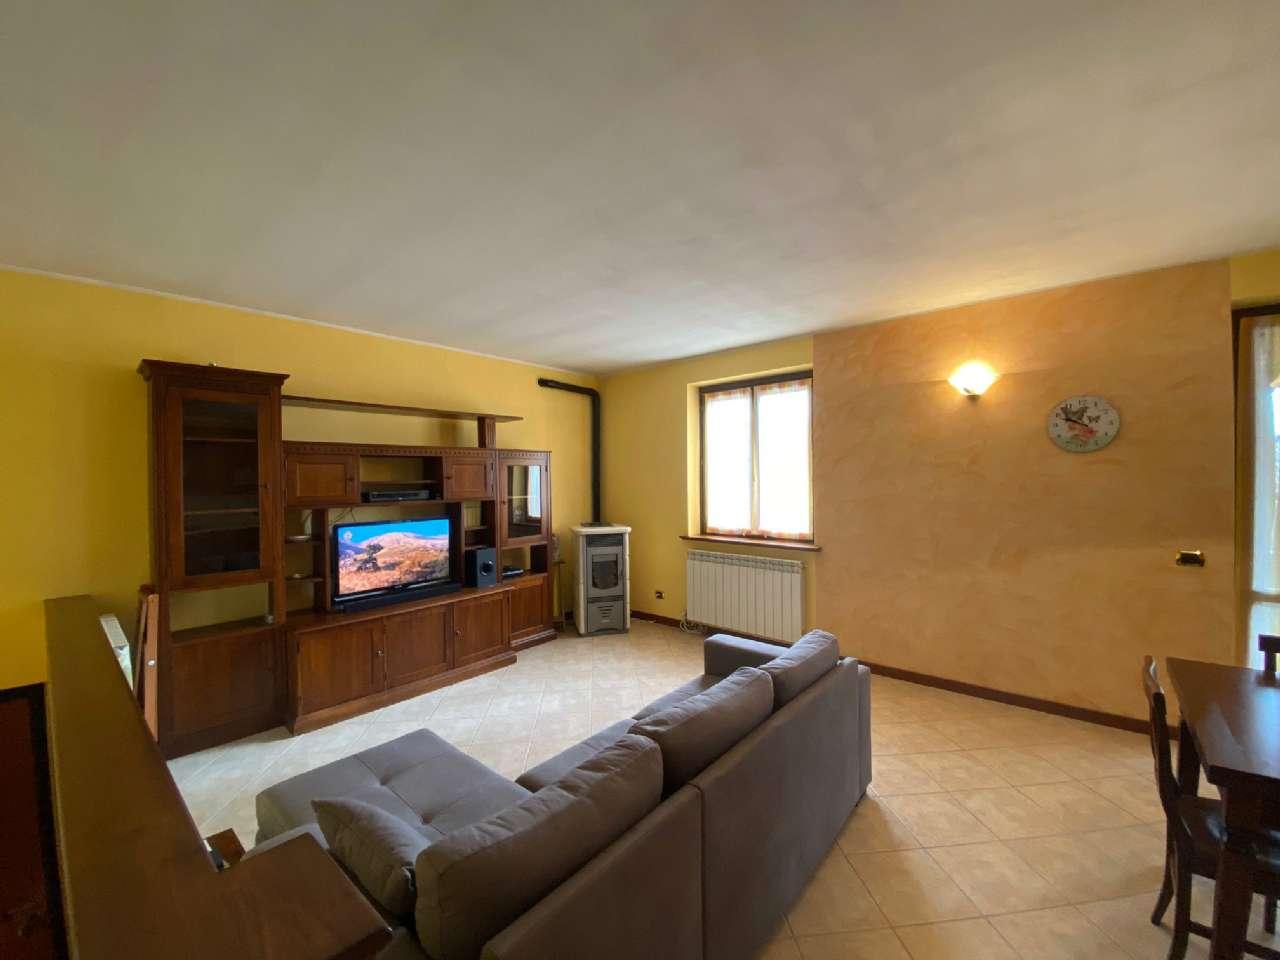 Appartamento in vendita a Vigolzone, 3 locali, prezzo € 125.000 | PortaleAgenzieImmobiliari.it